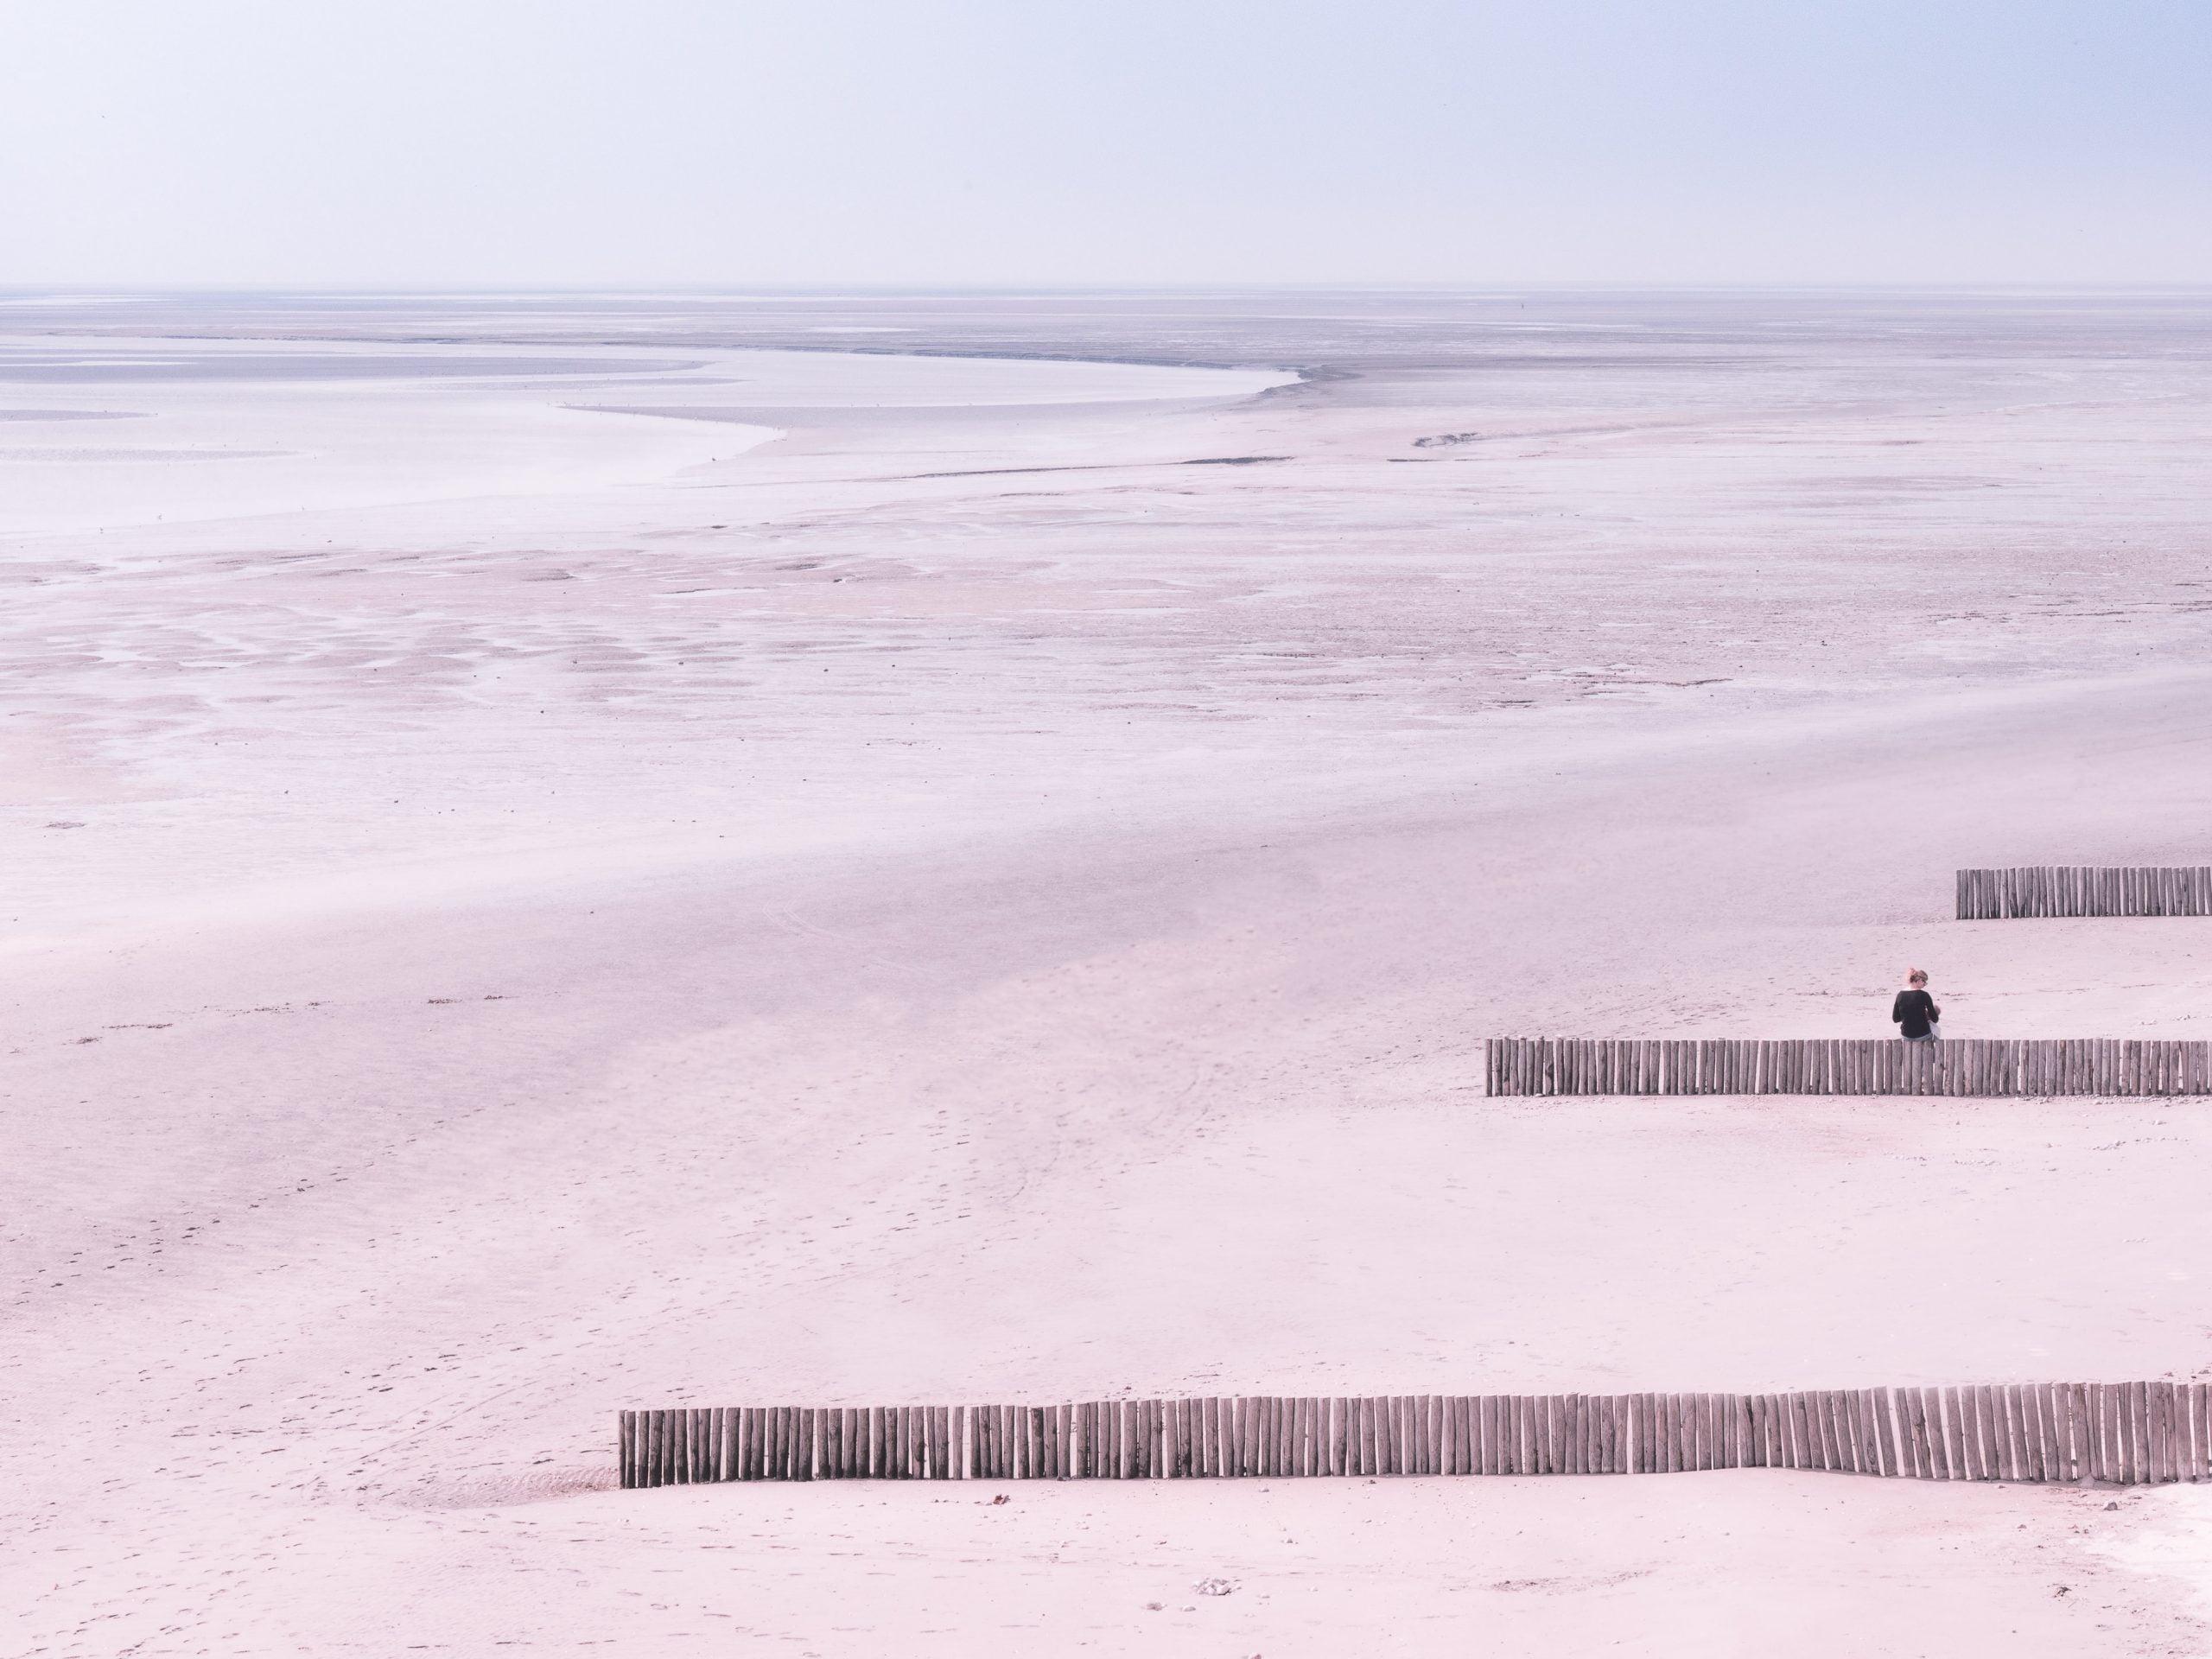 Les paysages de la baie de Somme en Picardie - depuis le Crotoy